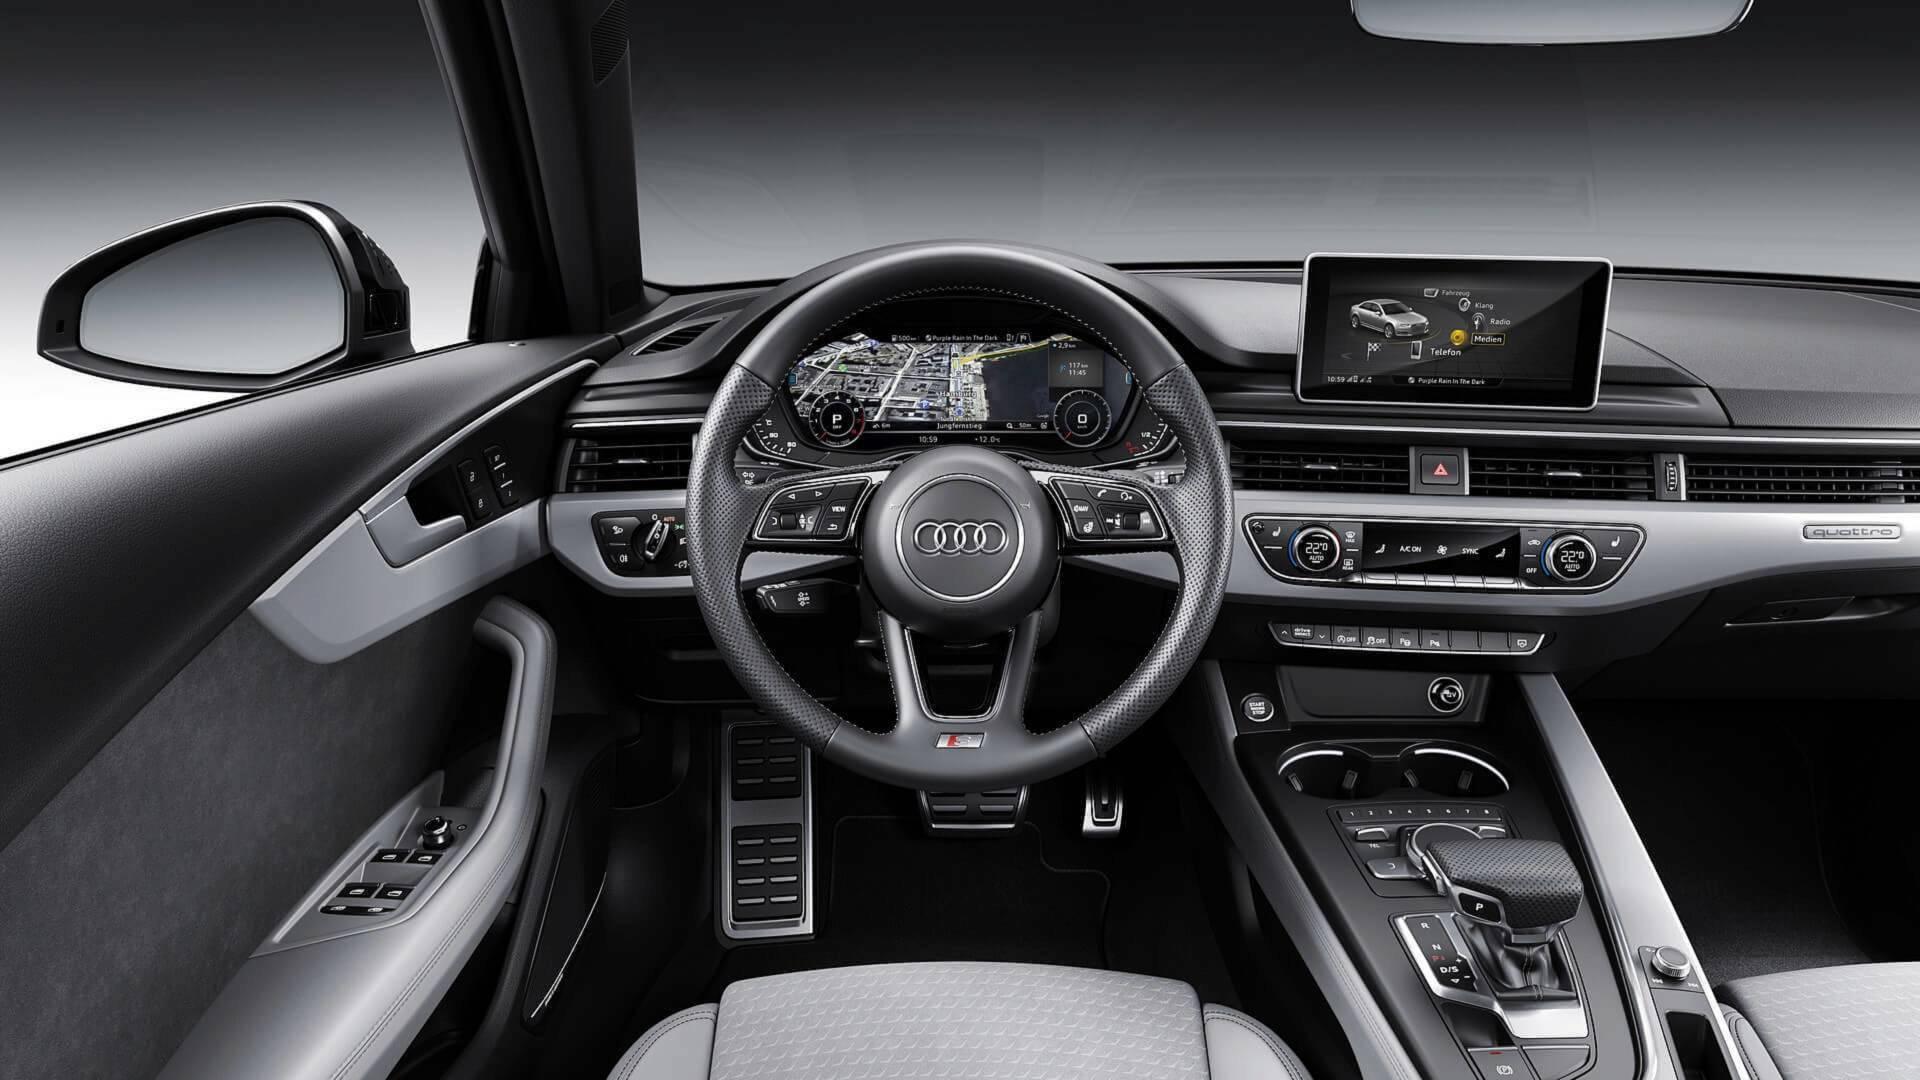 Yeni Audi A4 A8 Teknolojileriyle 2019 Da Geliyor